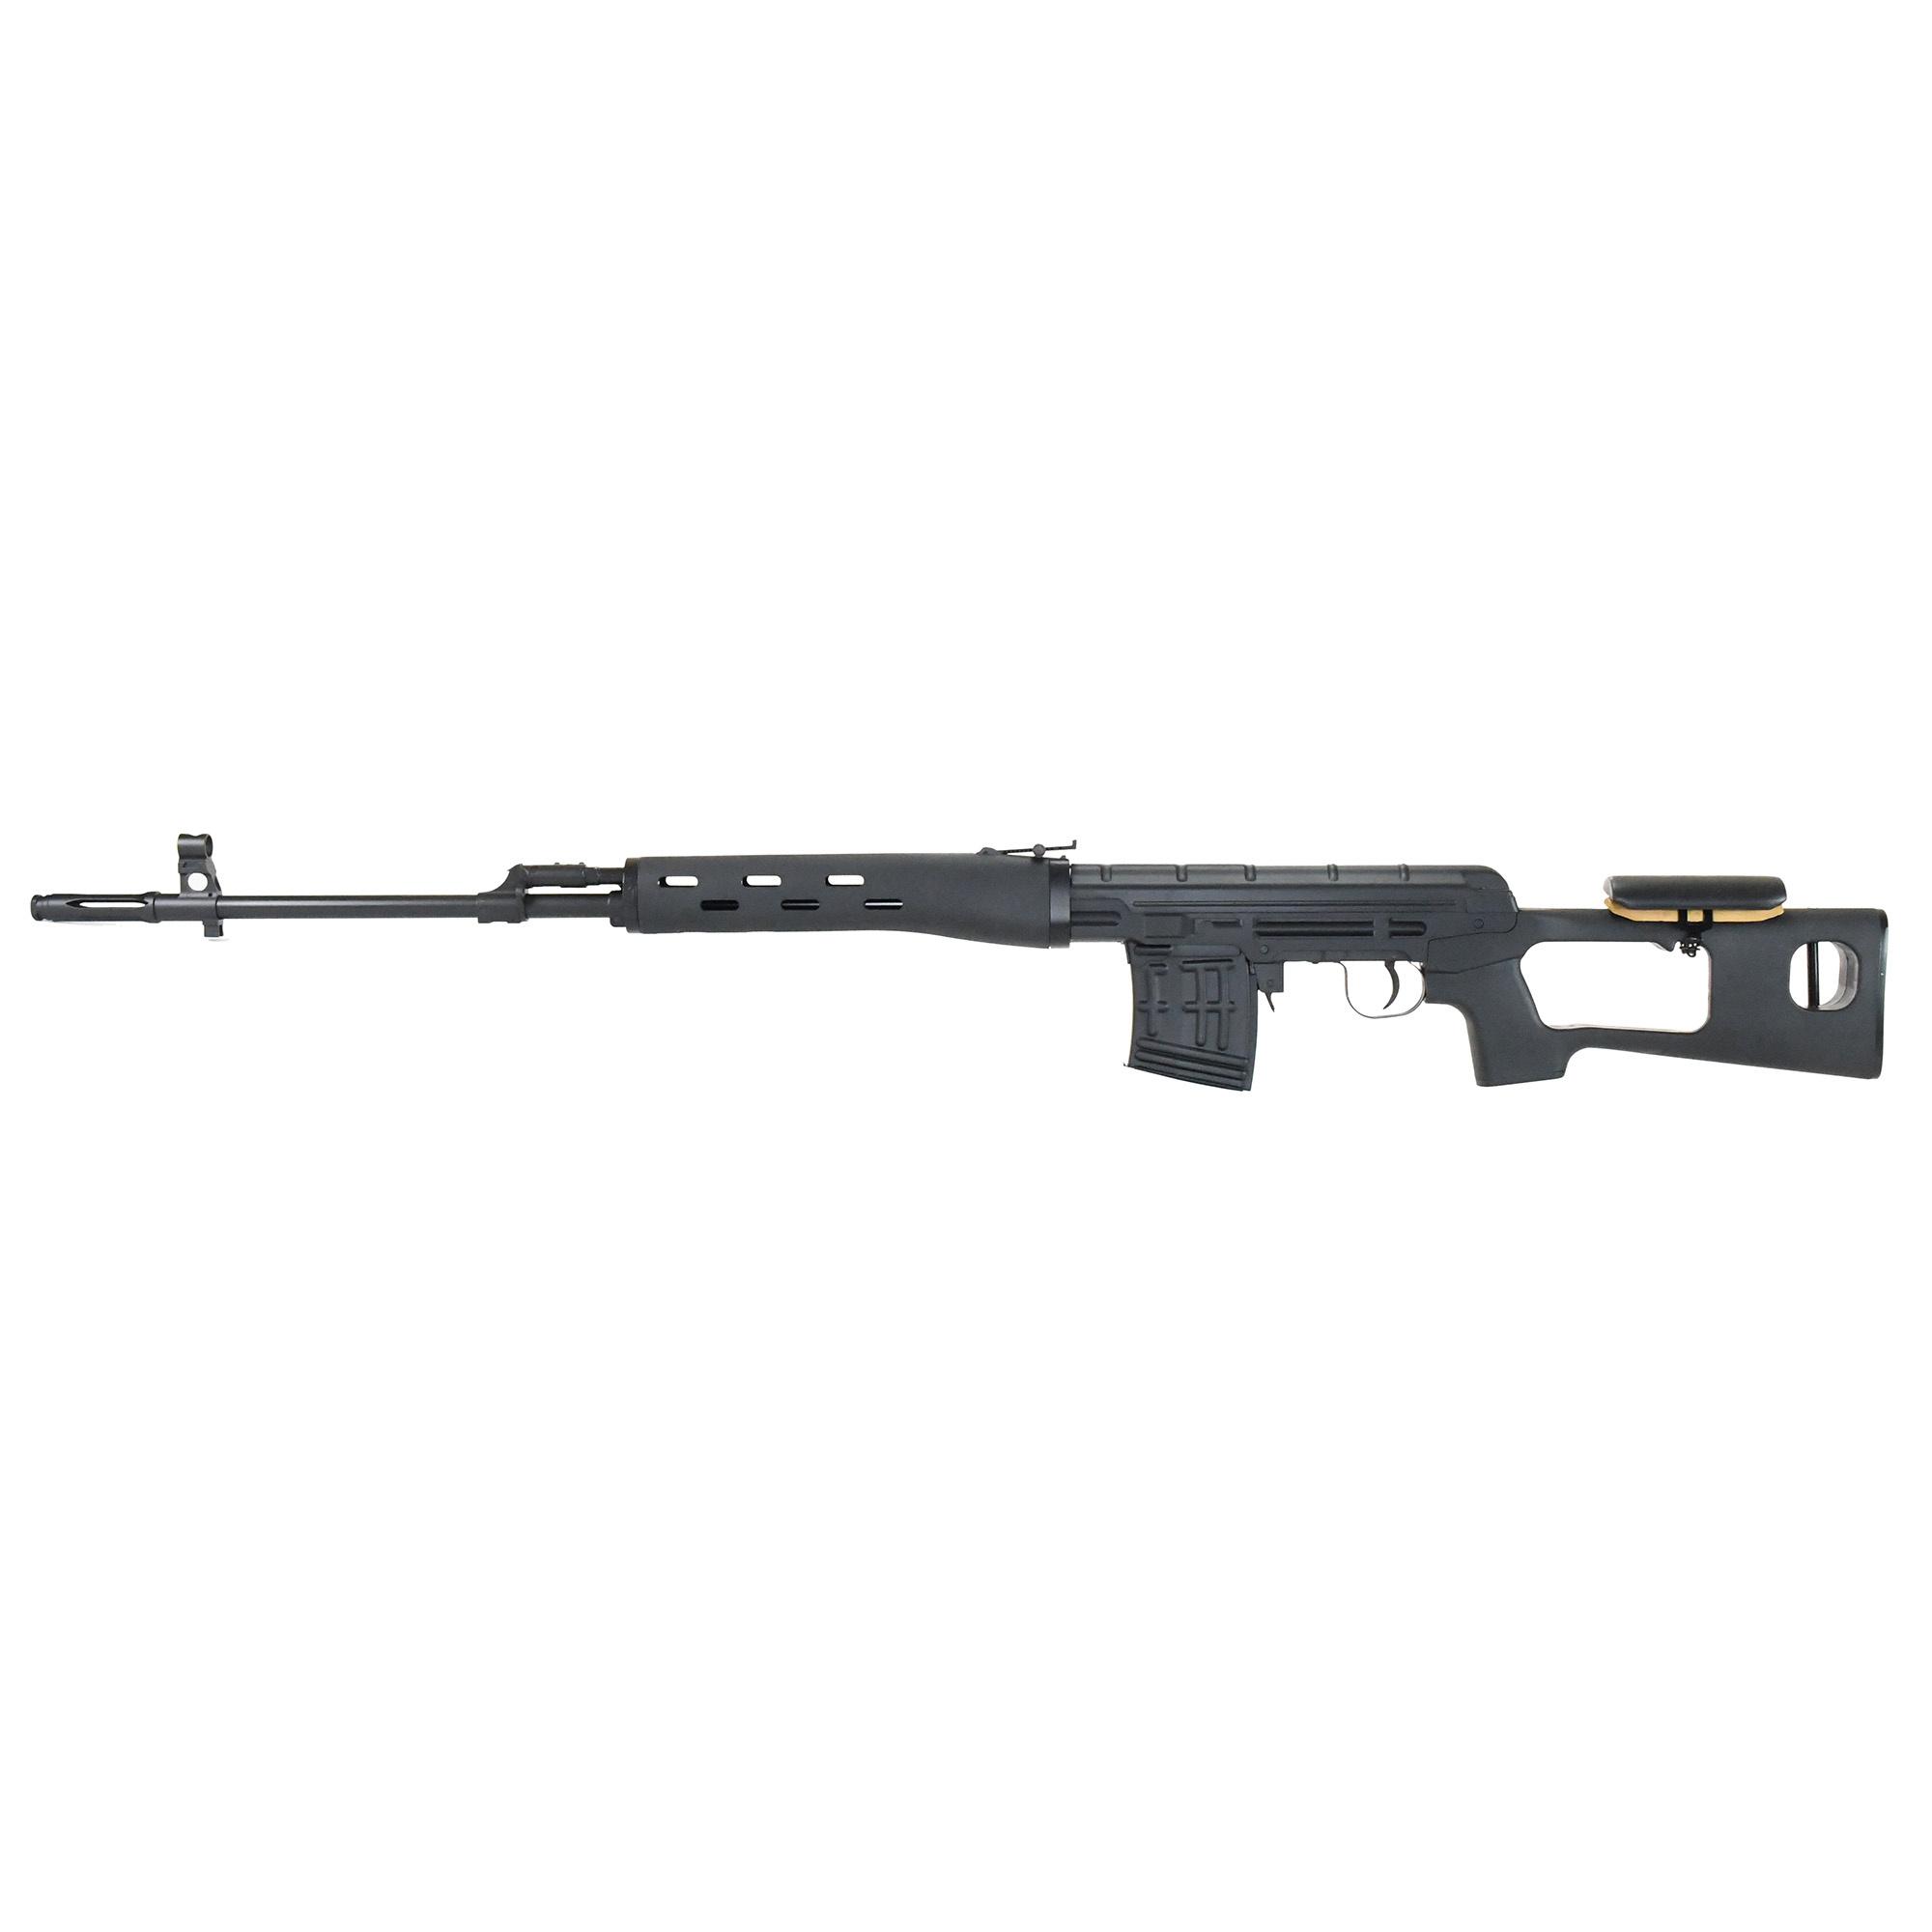 KOER SVD Dragunov Sniper Action Bolt Spring 2.31 Joule - BK